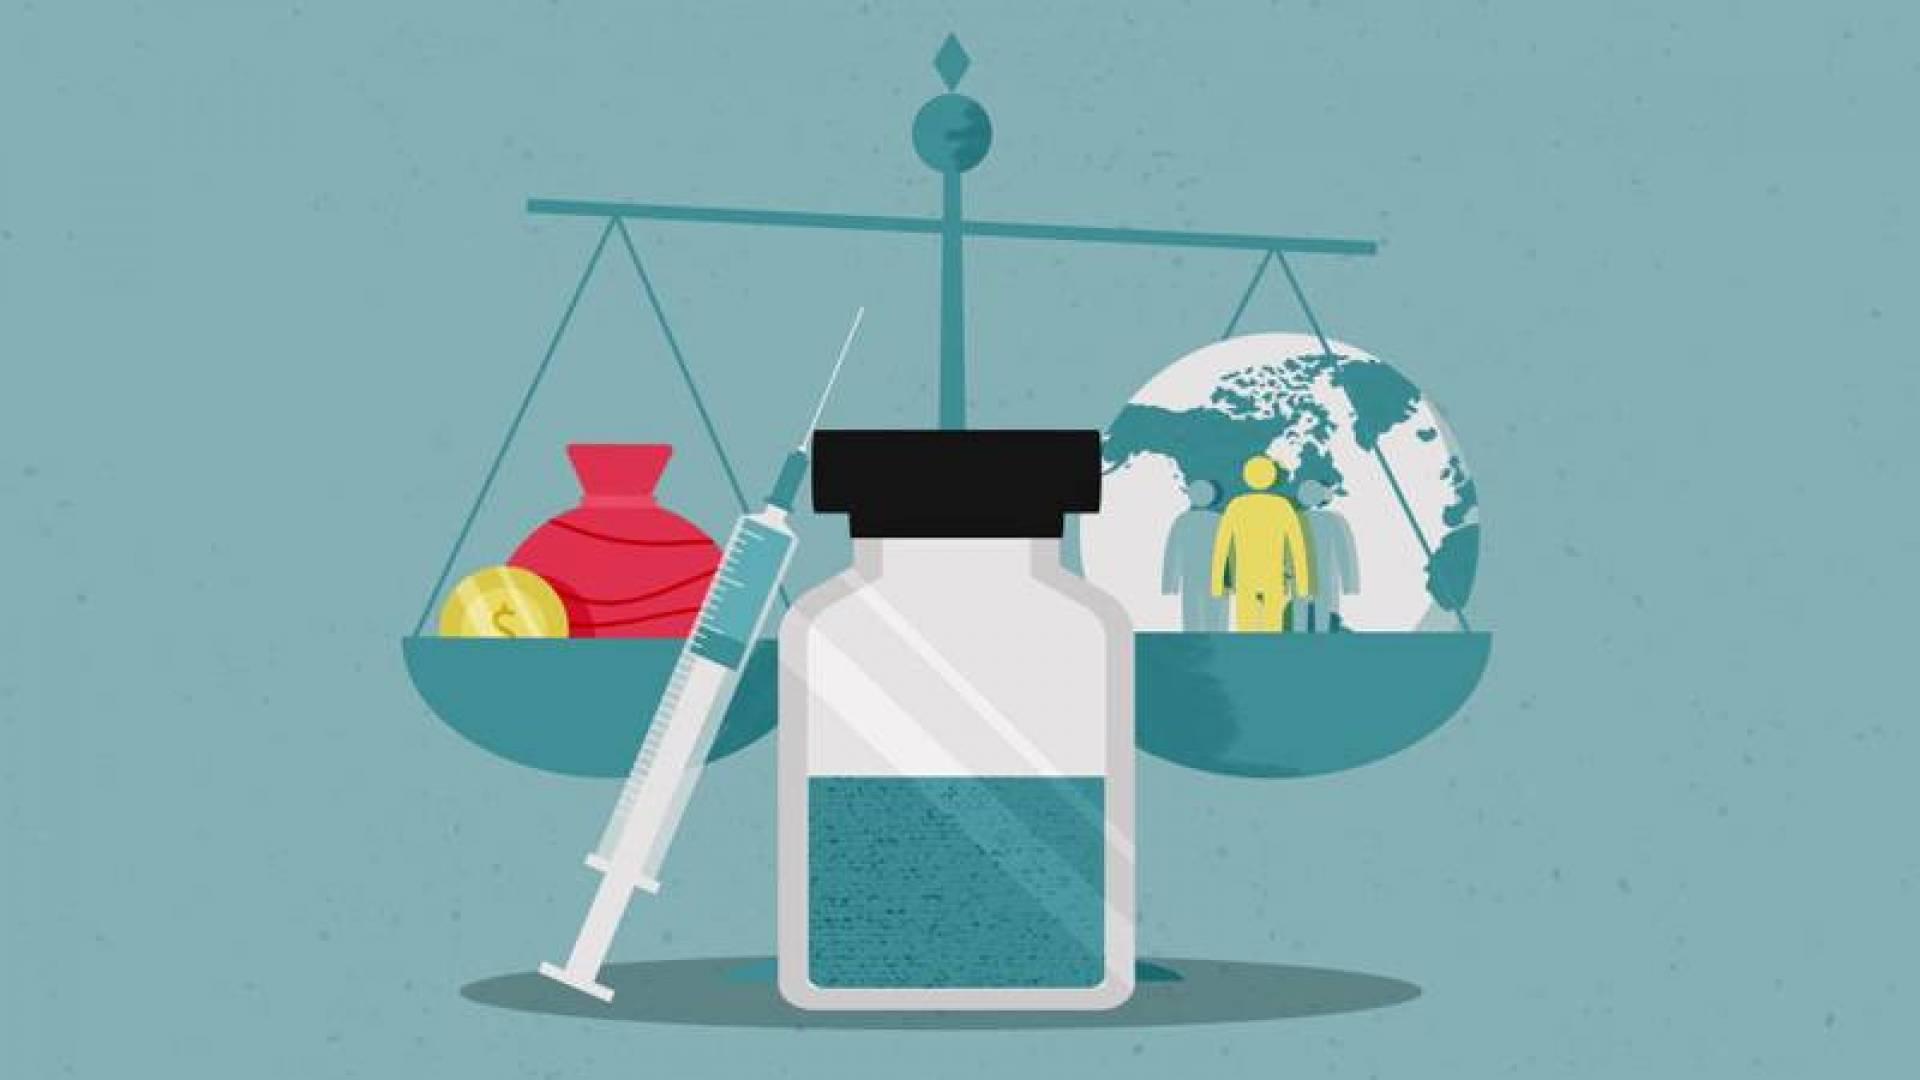 حتى مع ظهور اللقاح لن يتم شفاء الاقتصاد من ندوبه!